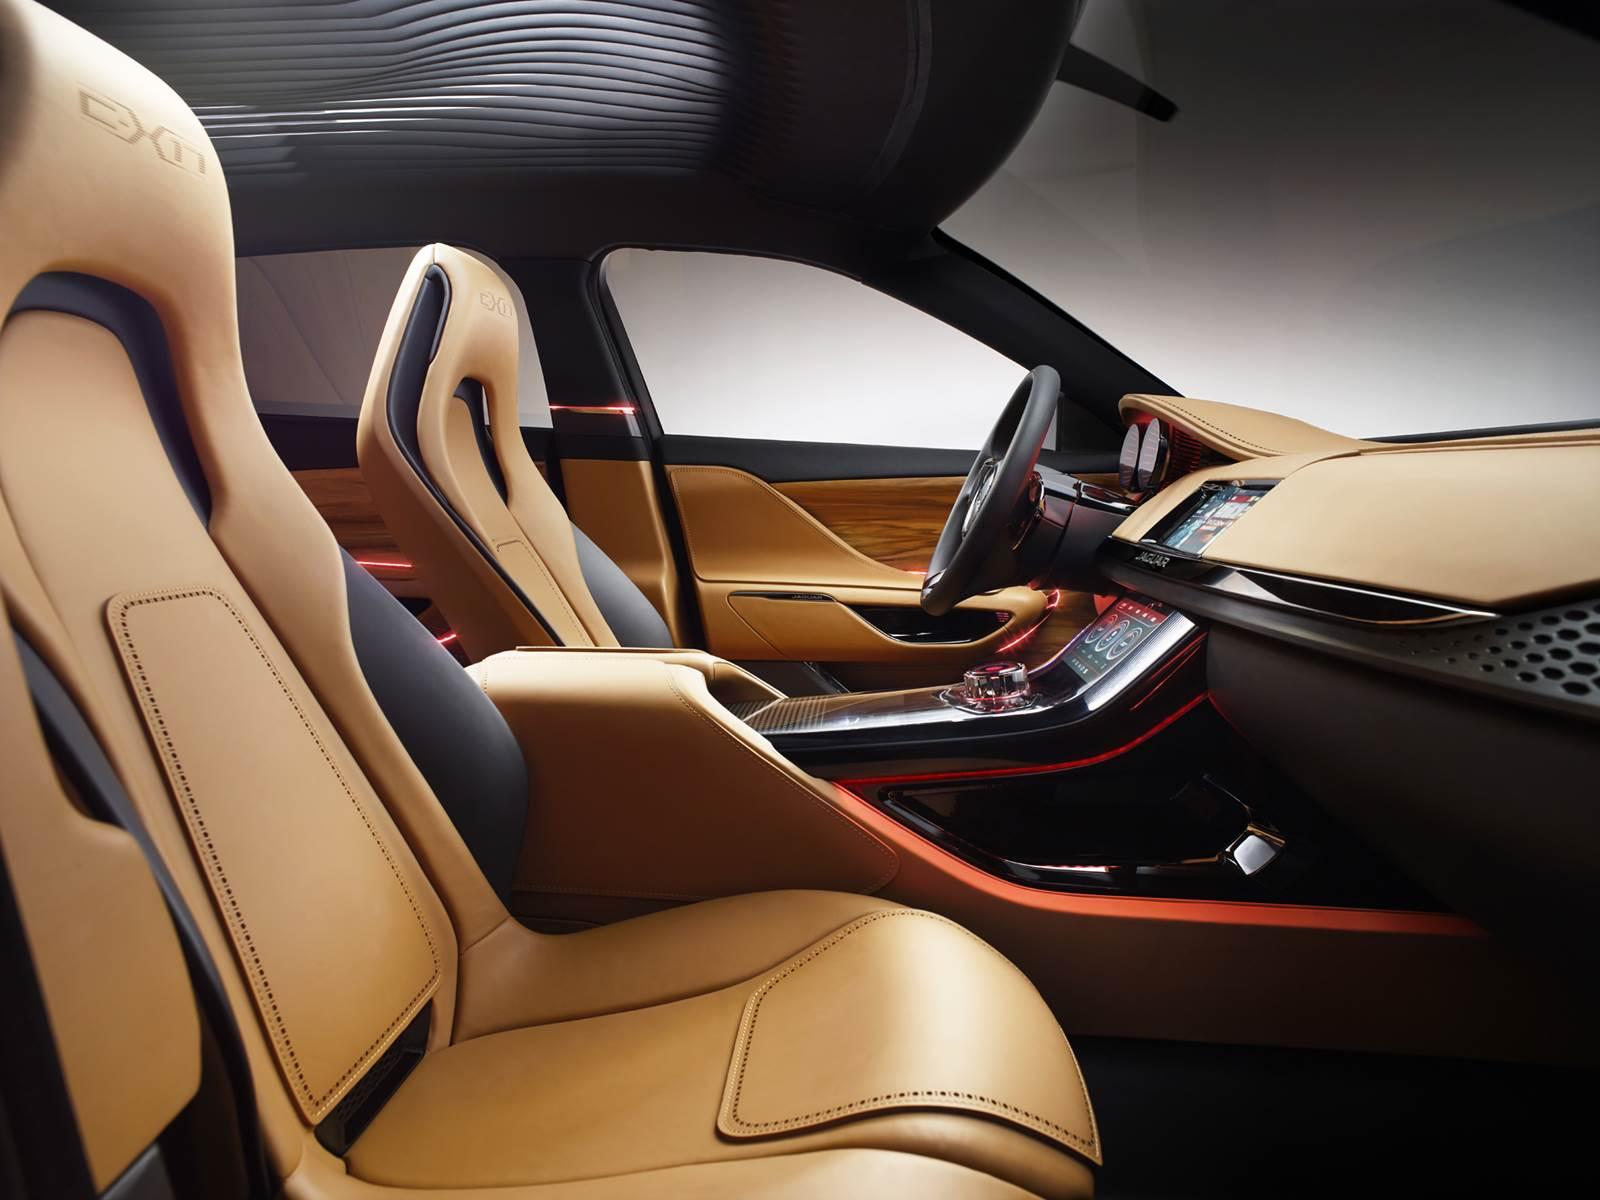 jaguar f pace suv chega em 2016 para encarar o bmw x3 car blog br. Black Bedroom Furniture Sets. Home Design Ideas